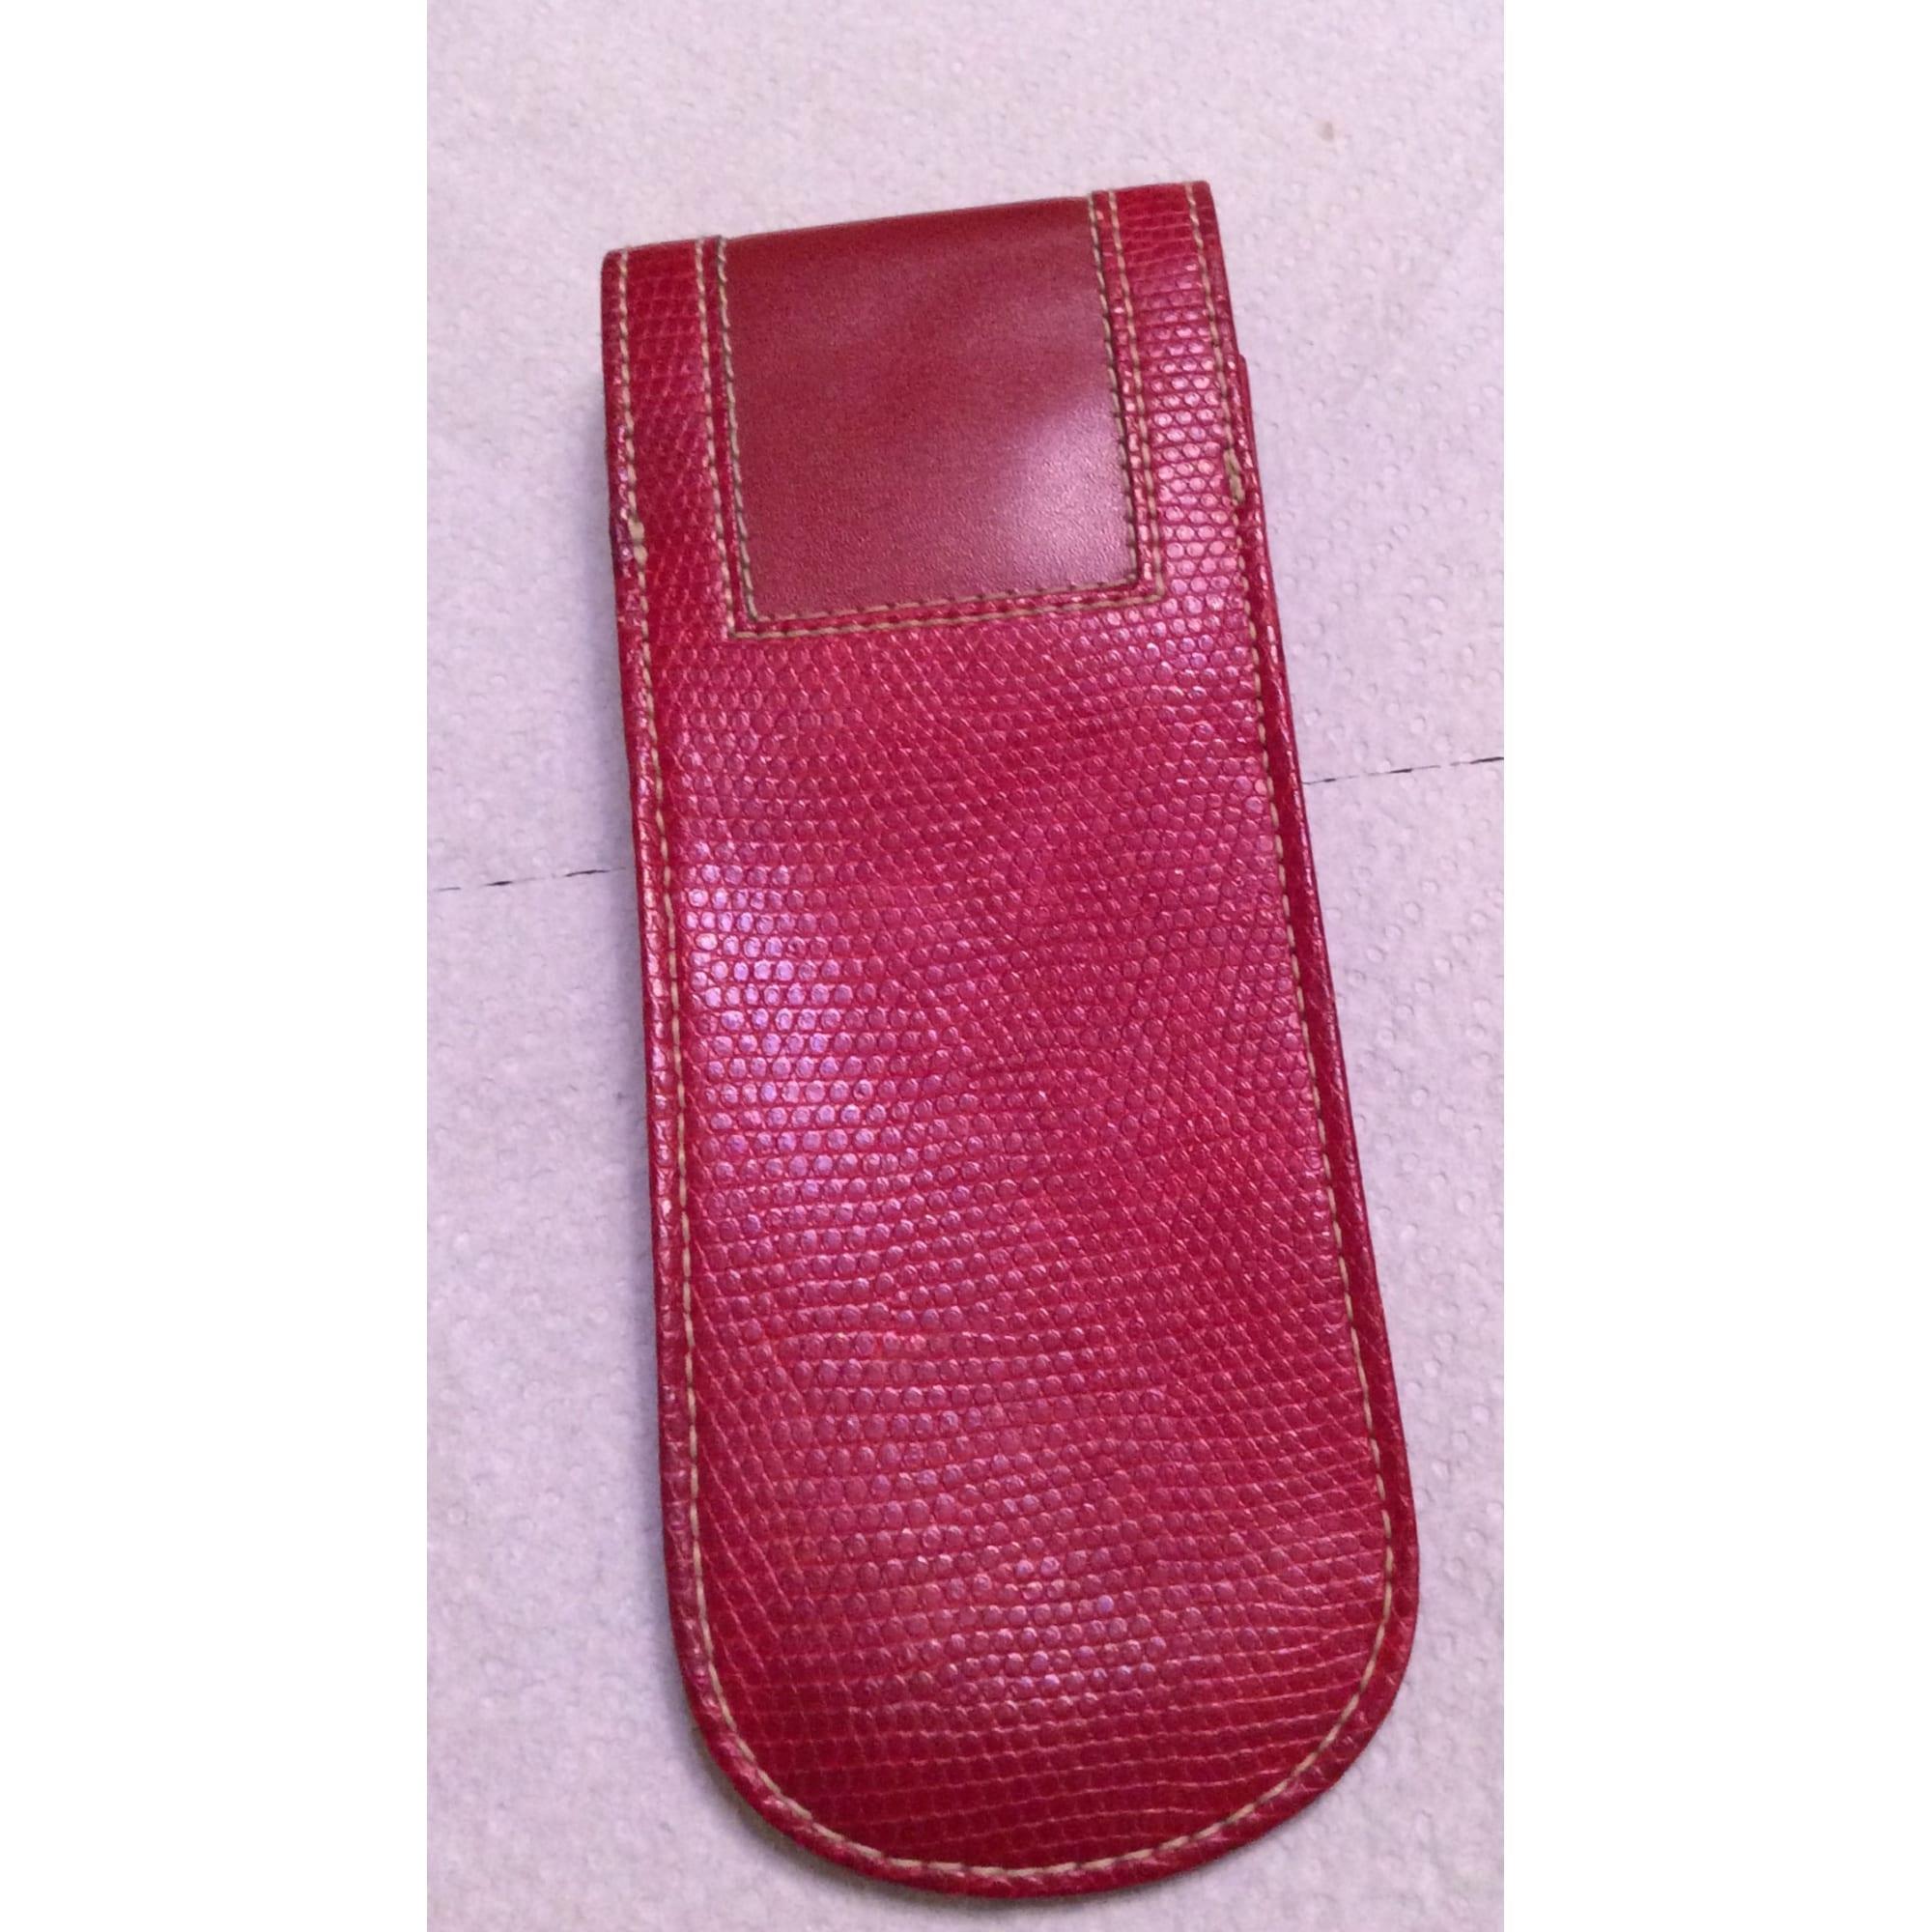 Lyst En Cuir Pour Porte Rouge Homme Lancel Cigarette Coloris O8nX0kNZwP